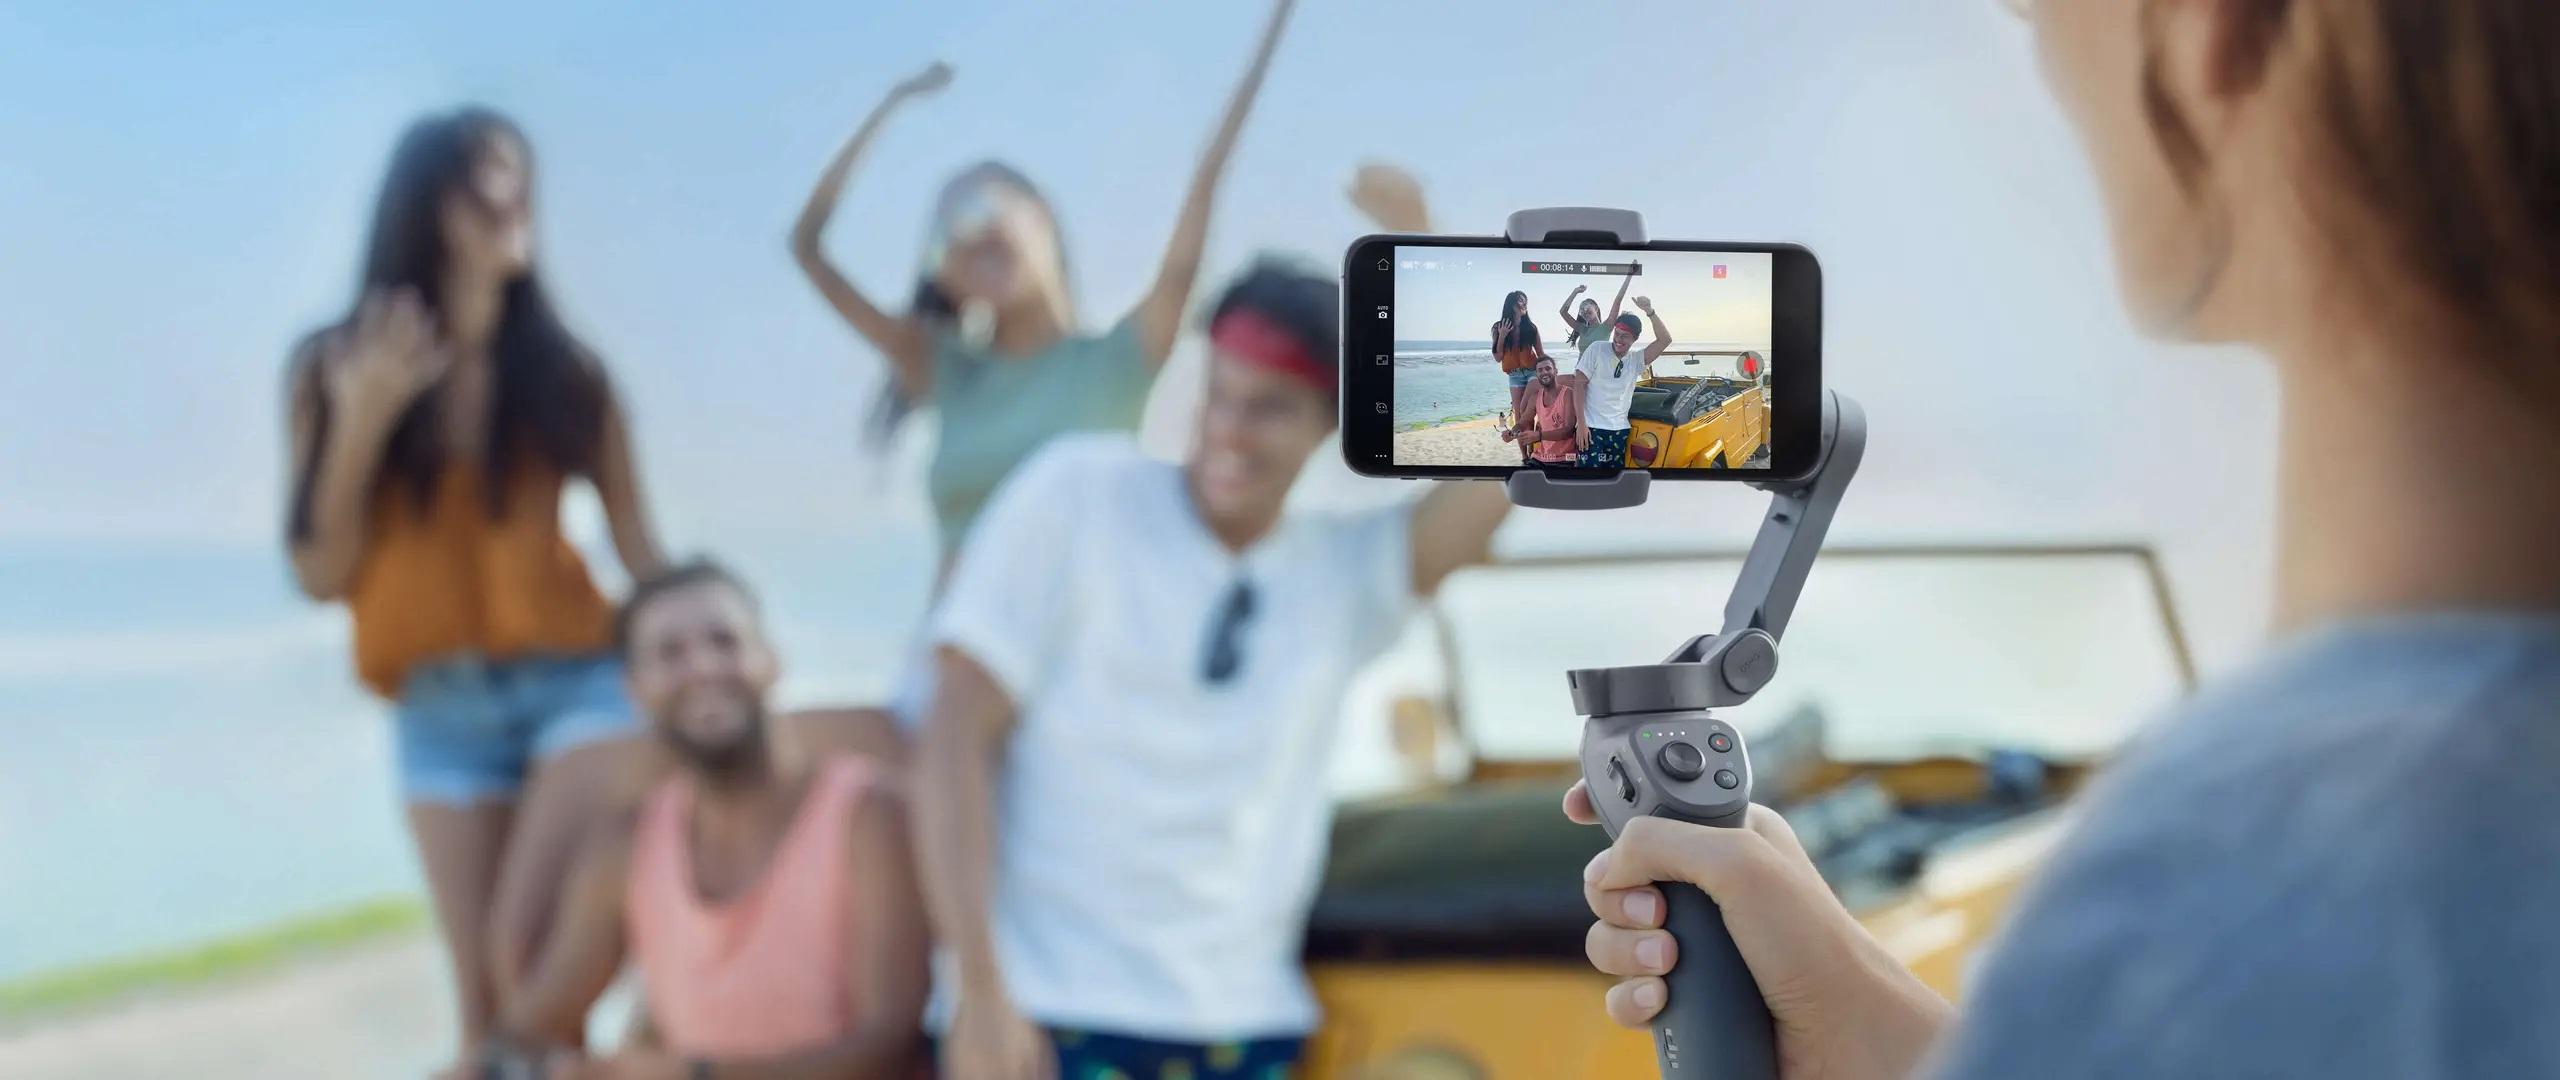 DJI Osmo Mobile 3 - Ổn định hoàn hảo